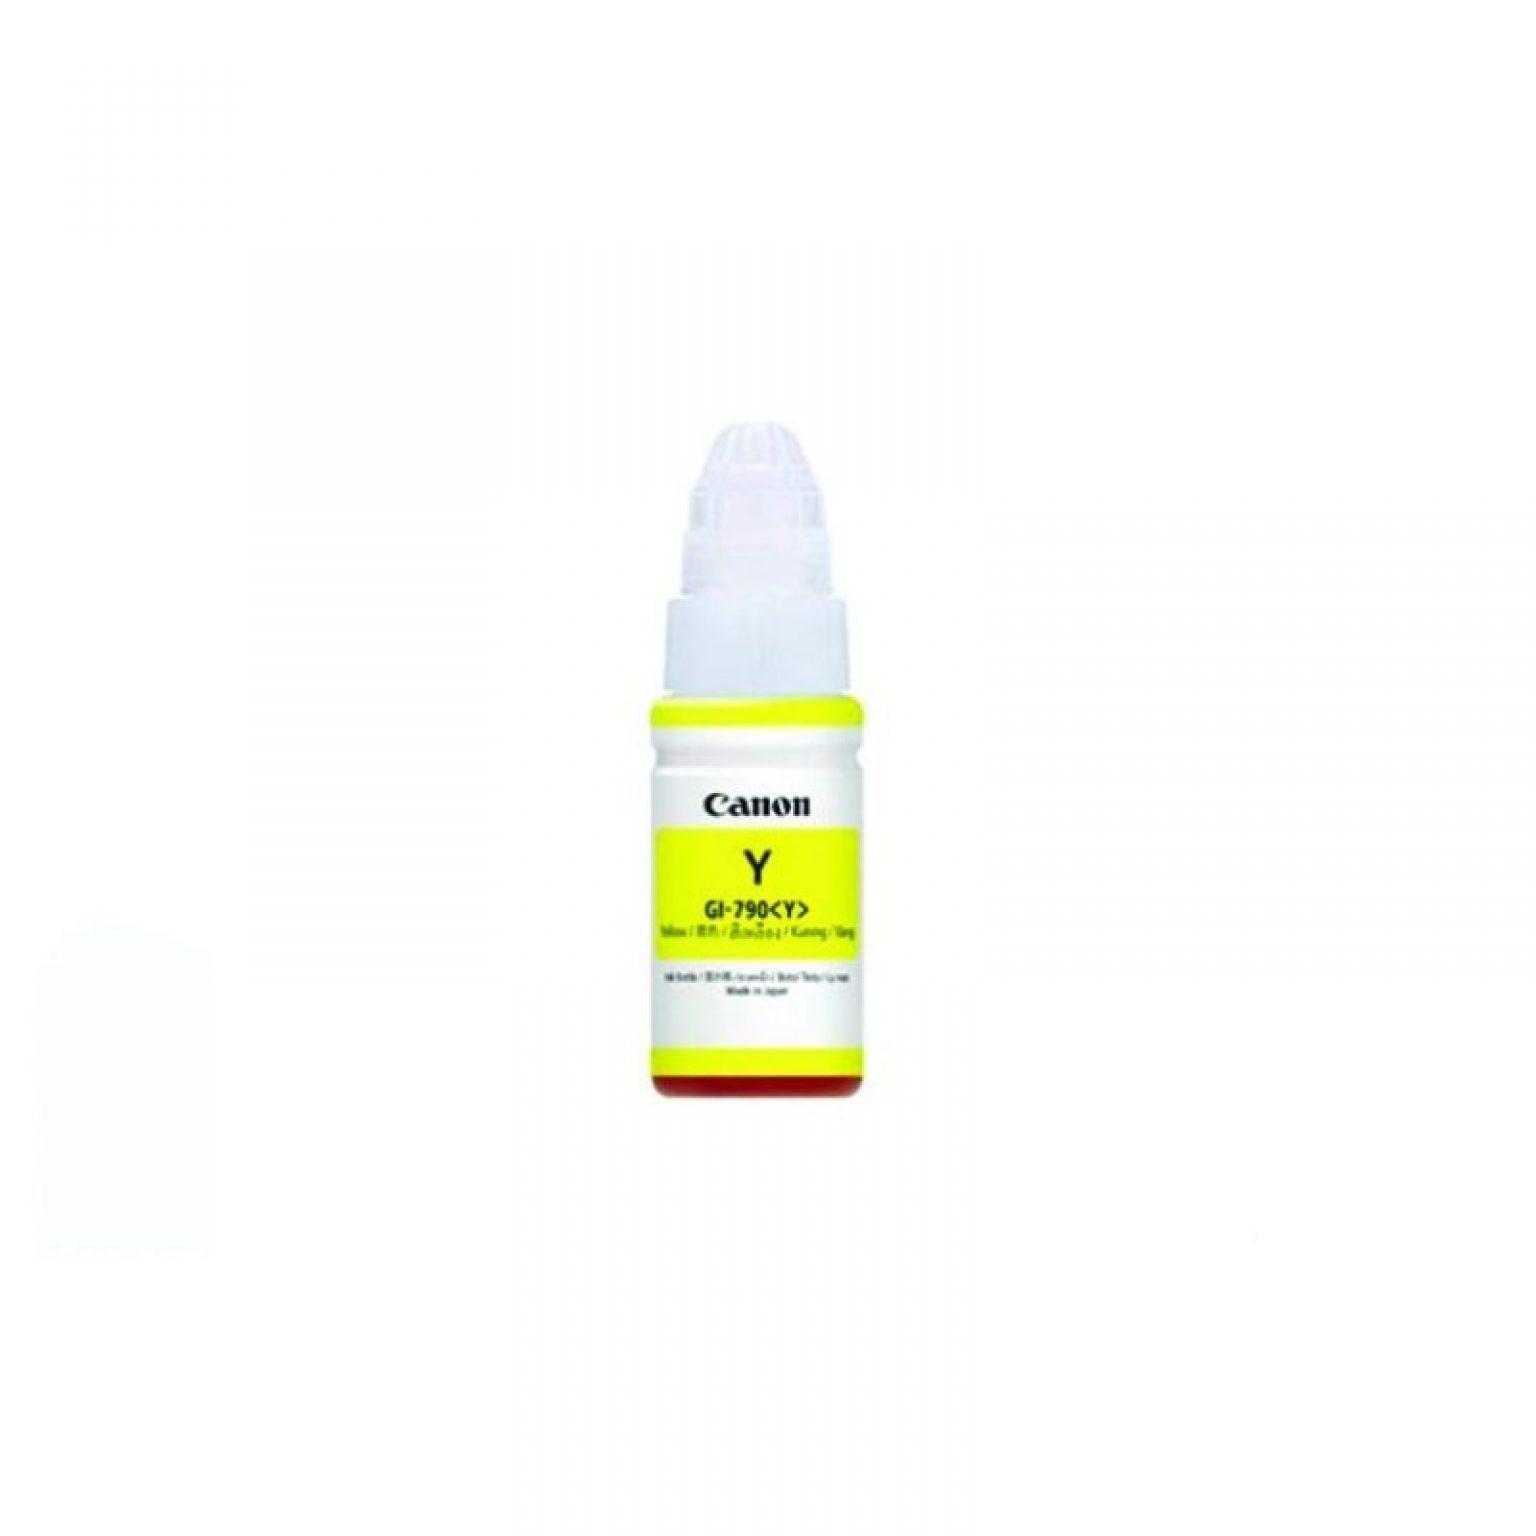 CANON - Ink Bottle GI-790 Yellow [GI790Y]